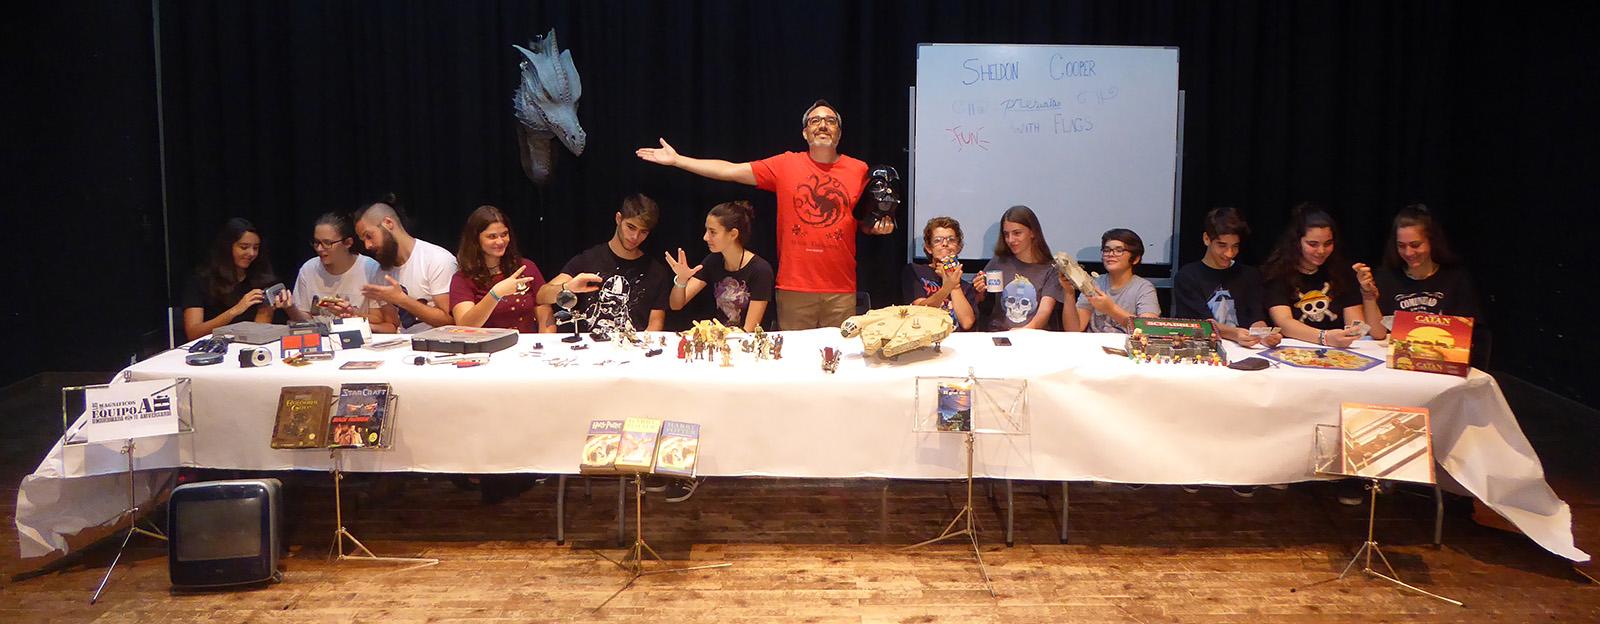 13 personas recreando las posiciones como en el cuadro la Última Cena